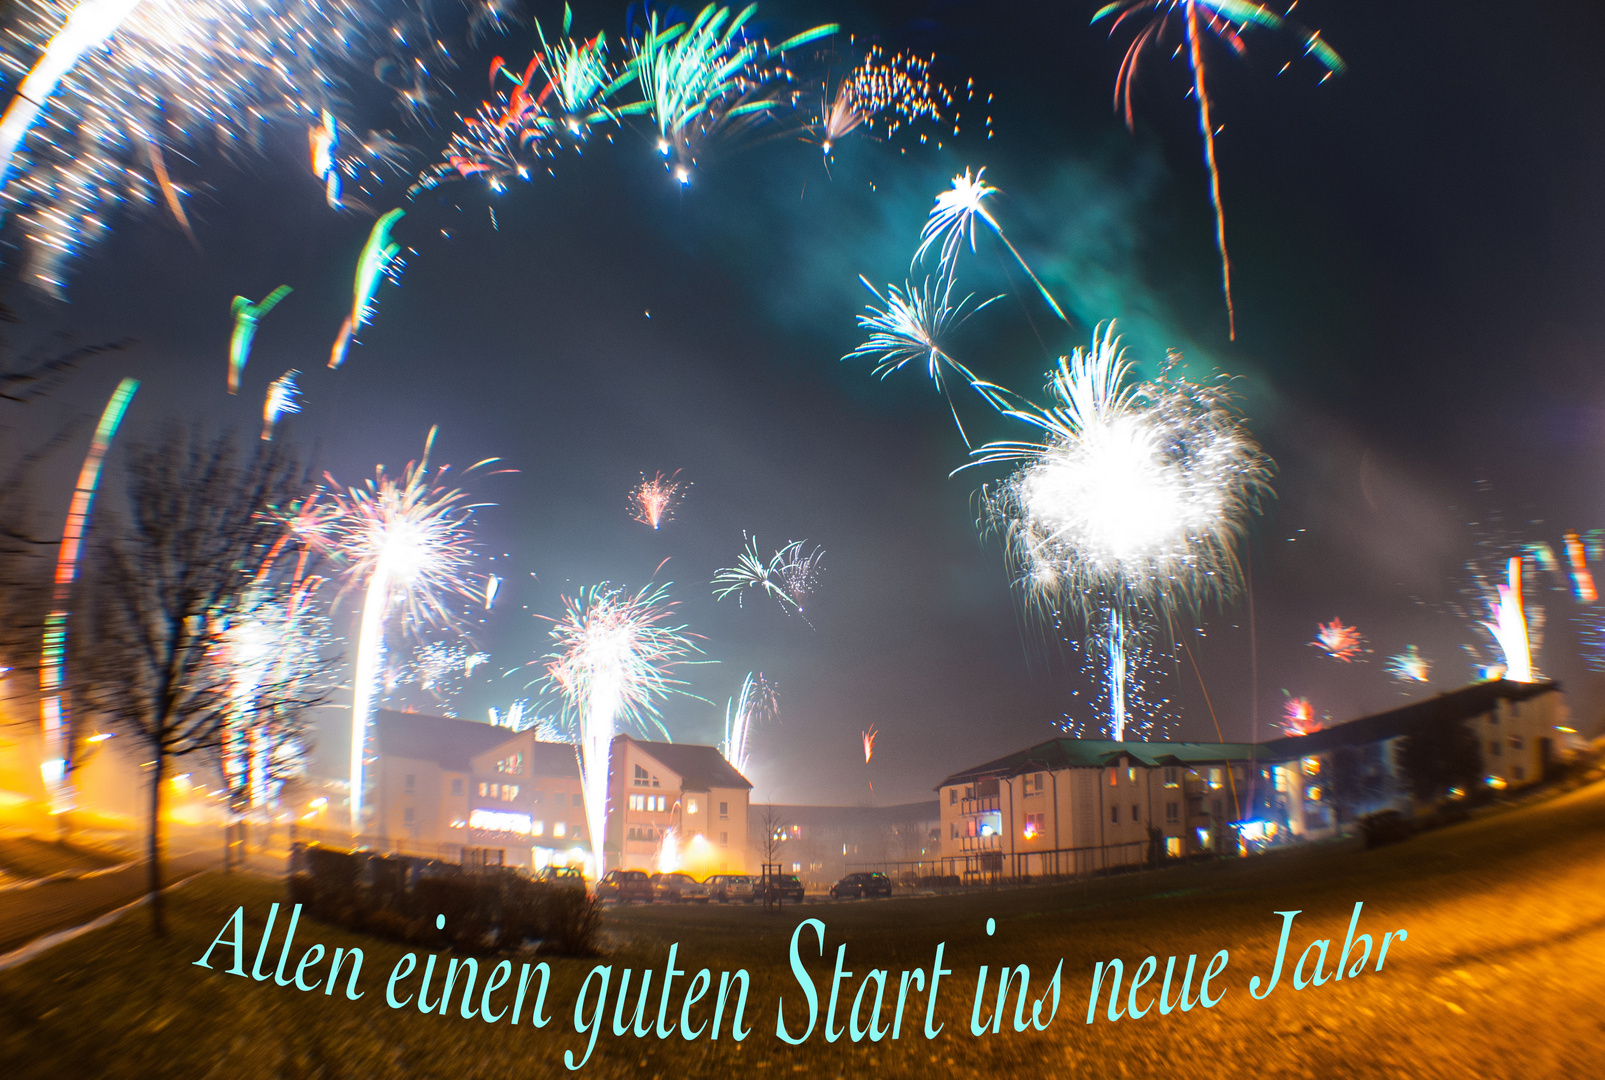 Ich wünsche Allen einen guten Start ins neue Jahr. Foto & Bild ...